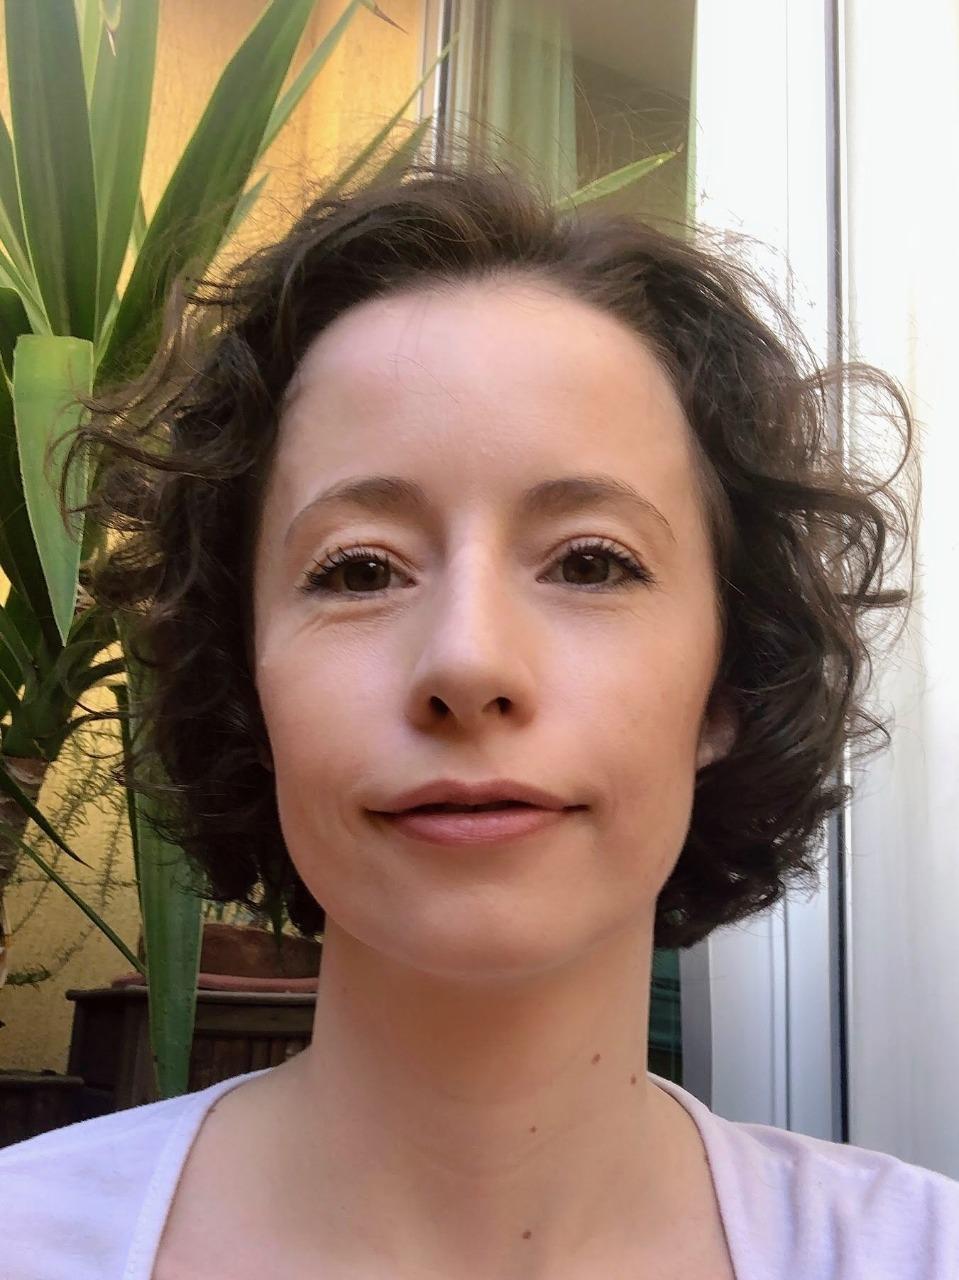 ENTREVISTA: Fabiele Fritzen - Aprovada em 1° lugar no concurso CLDF no cargo de Consultor Legislativo em saúde